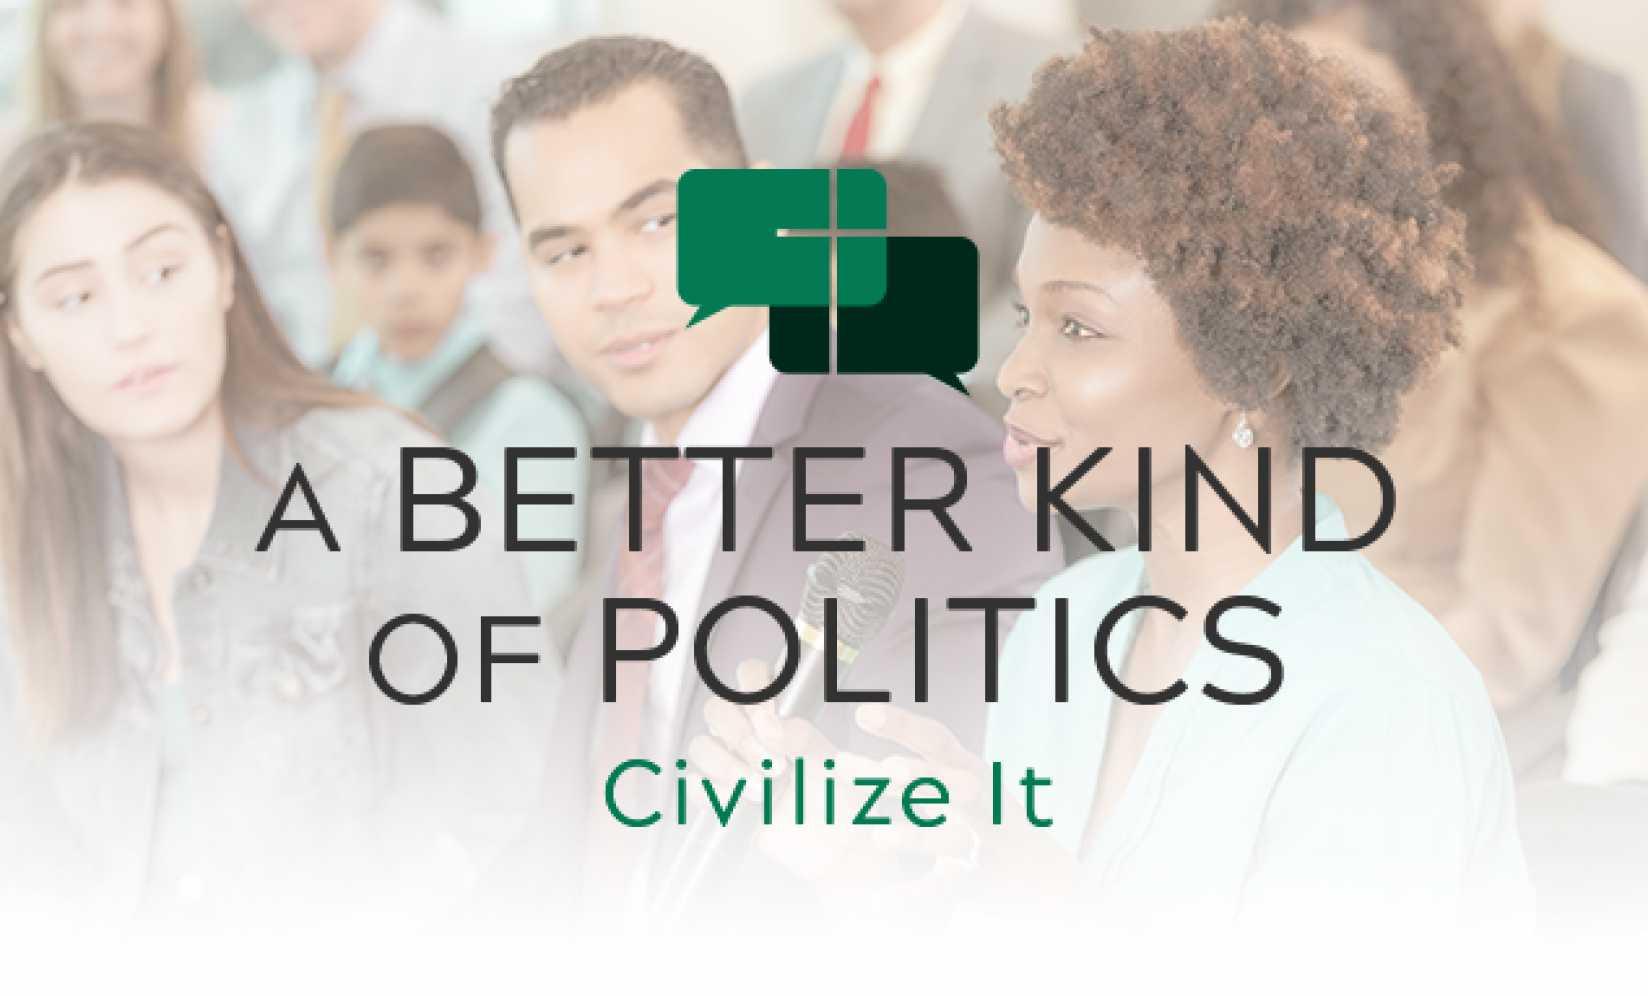 Civilize it